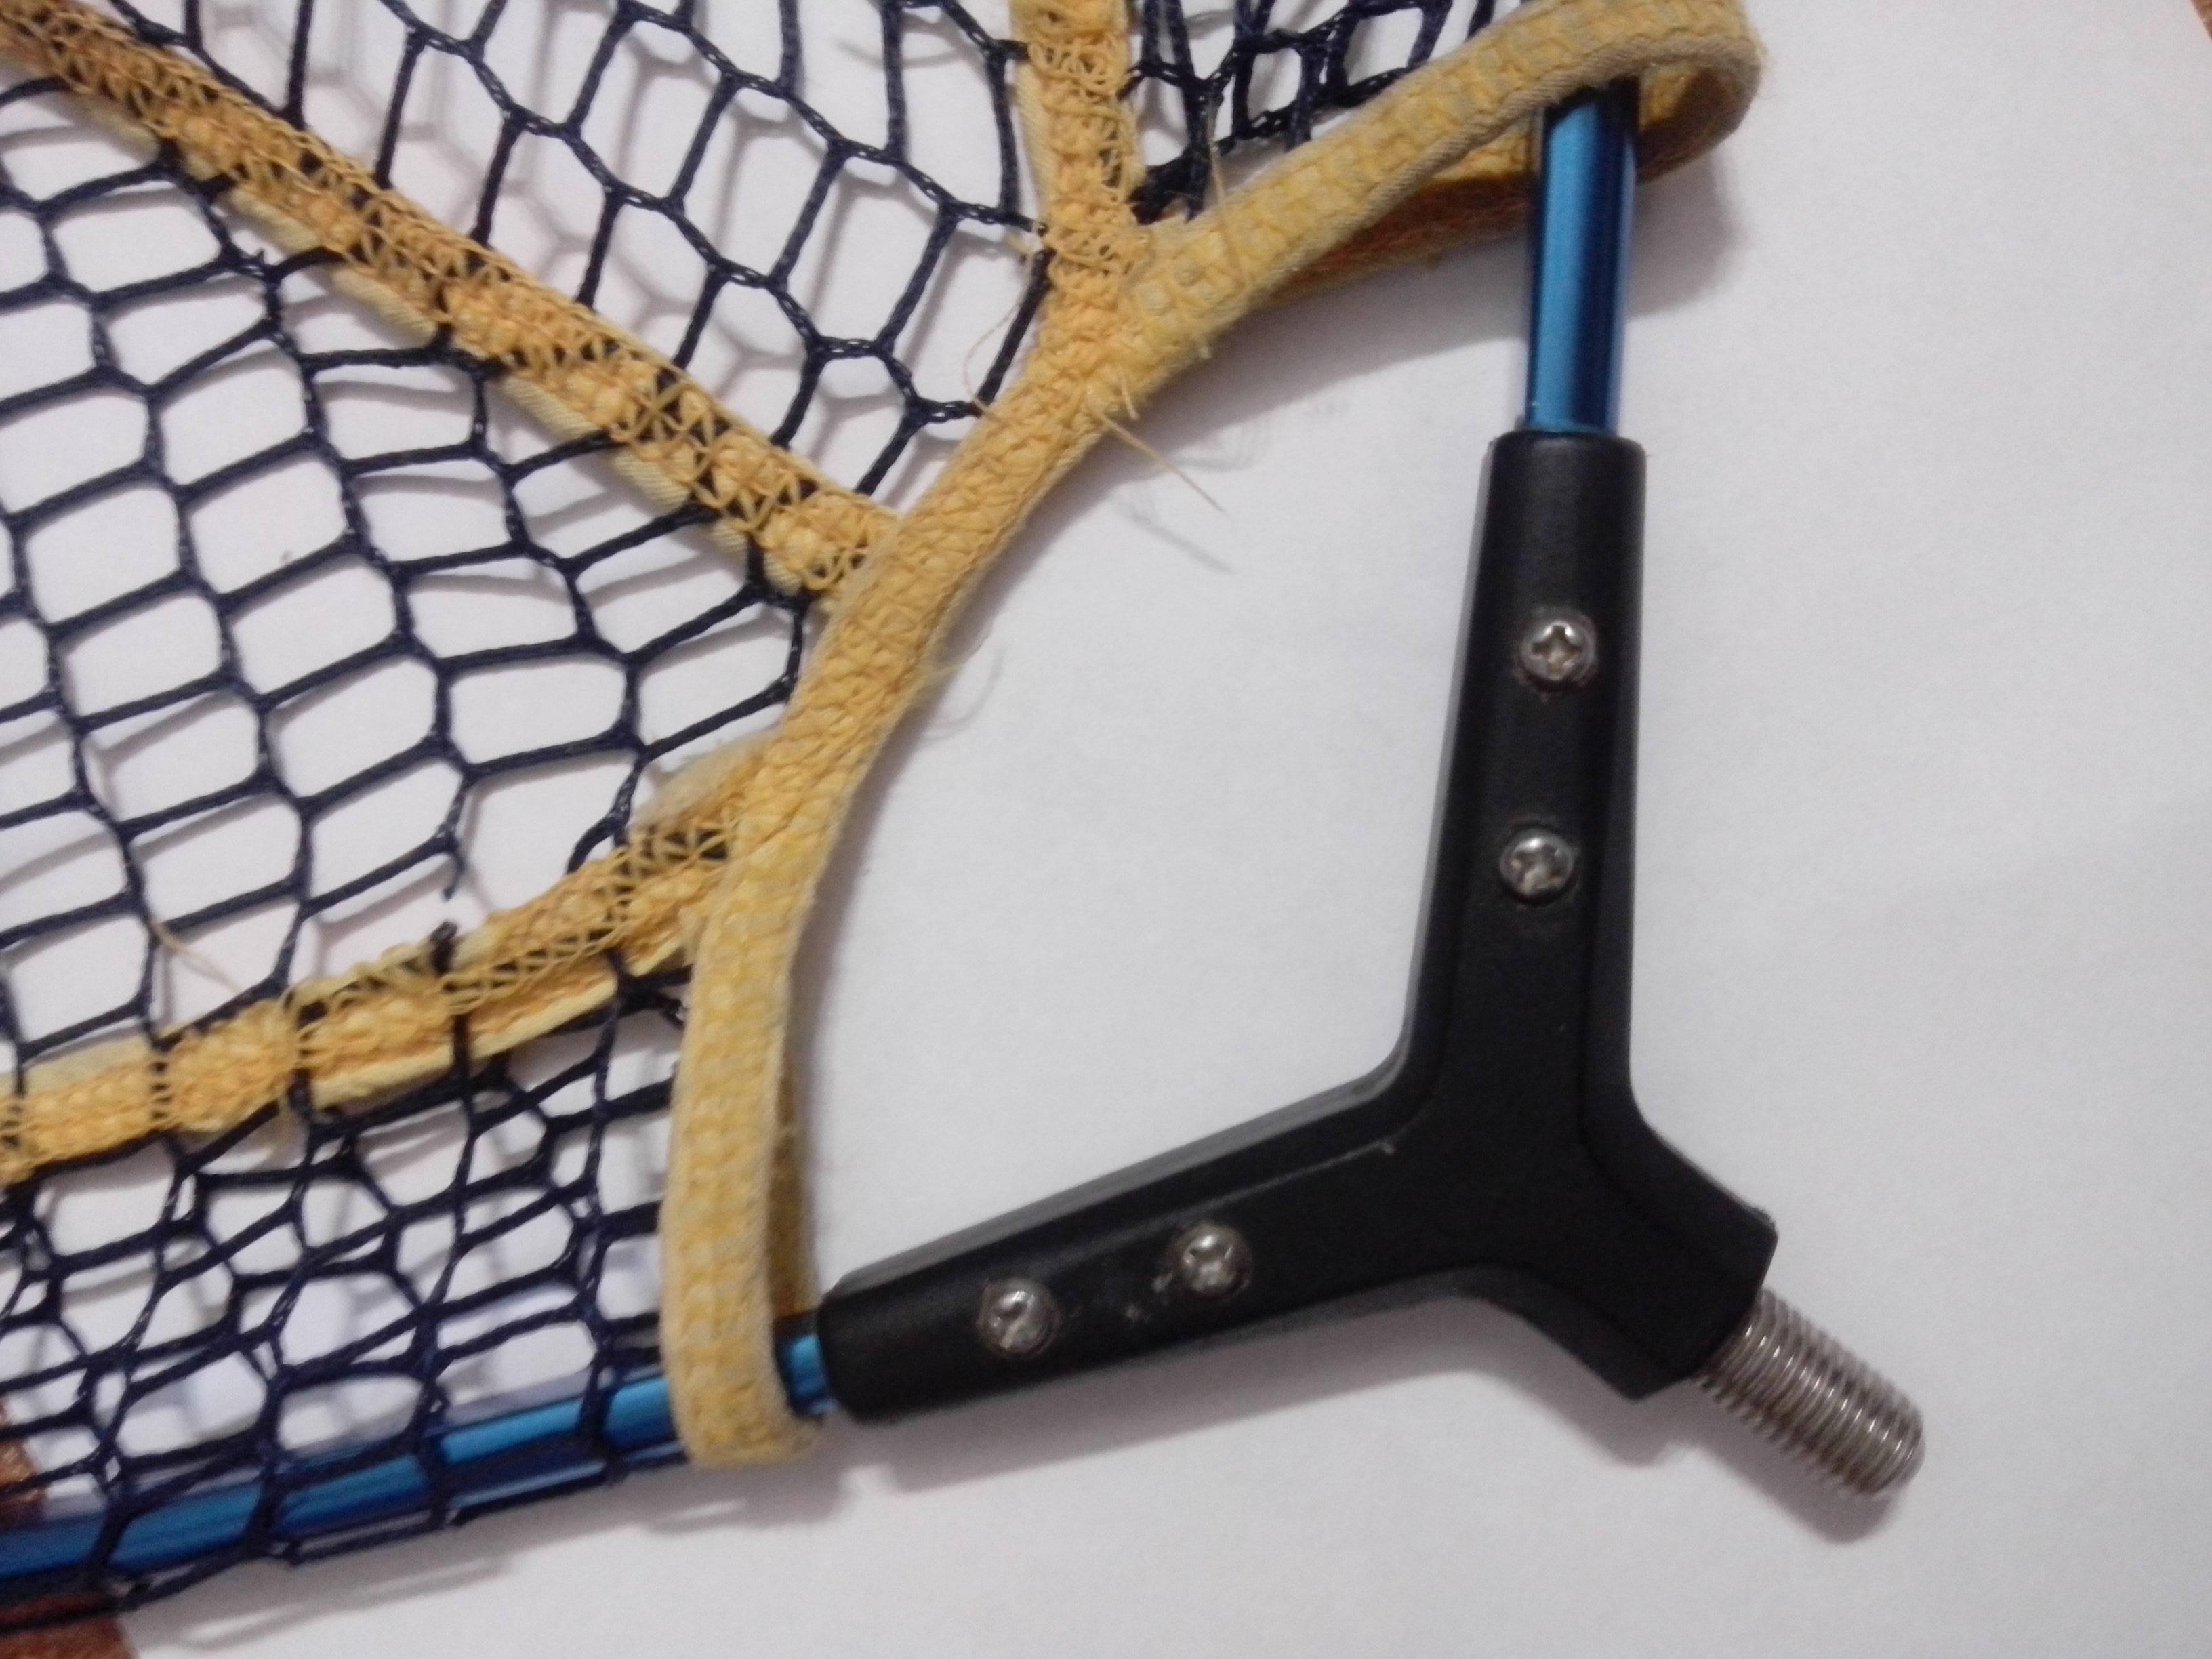 Складной подсачек своими руками — самодельные шарнирные соединения, монтаж на подсаке сетки